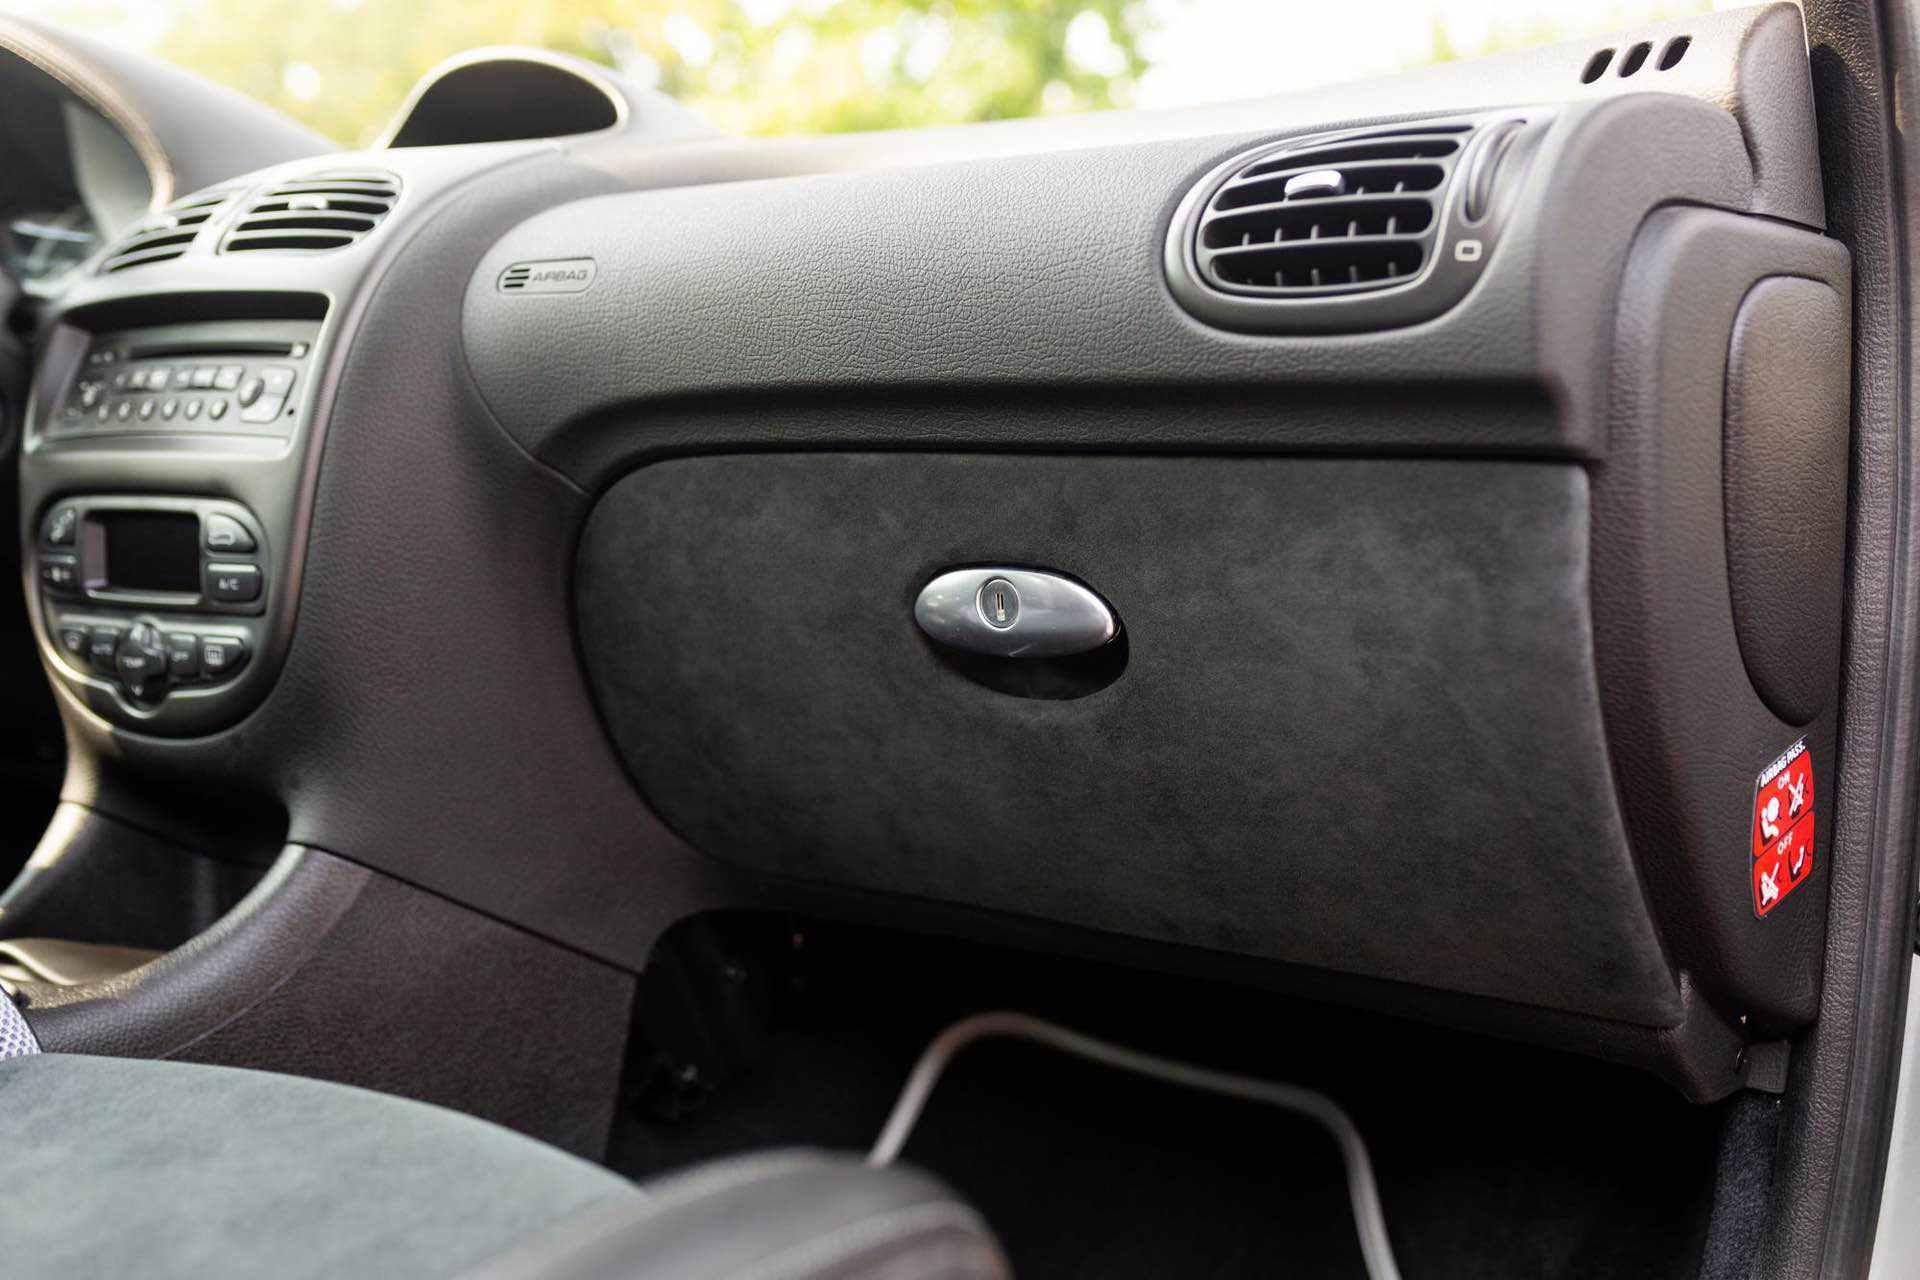 2003_Peugeot_206_RC_sale_0093